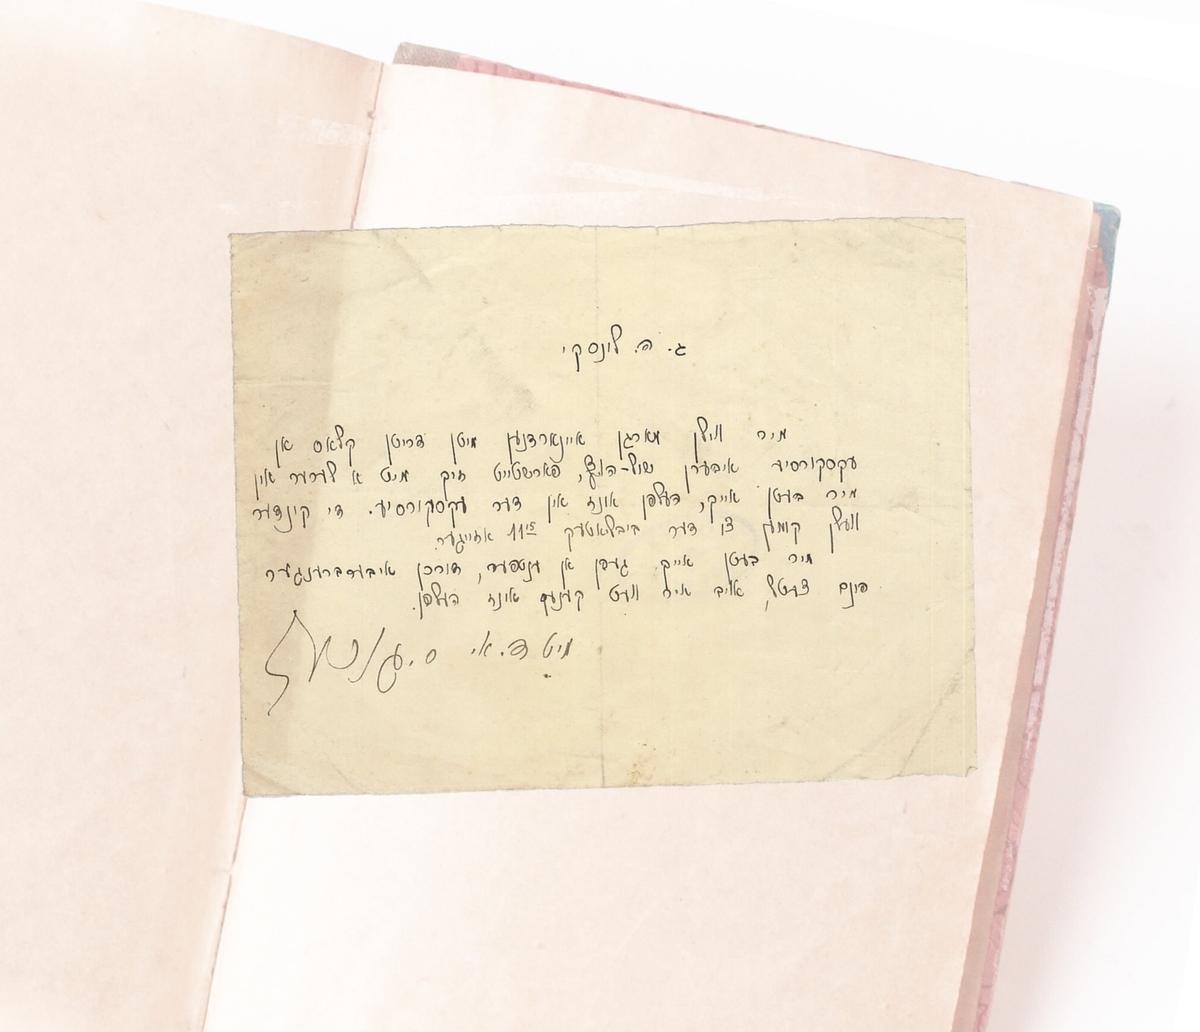 Vilniaus žydų gimnazijos direktorės Sofijos Gurevič prašymas Chaiklui Lunskiui, kad šis Strašuno bibliotekoje padarytų mokiniams įvadą į ekskursiją po žydų kvartalą.